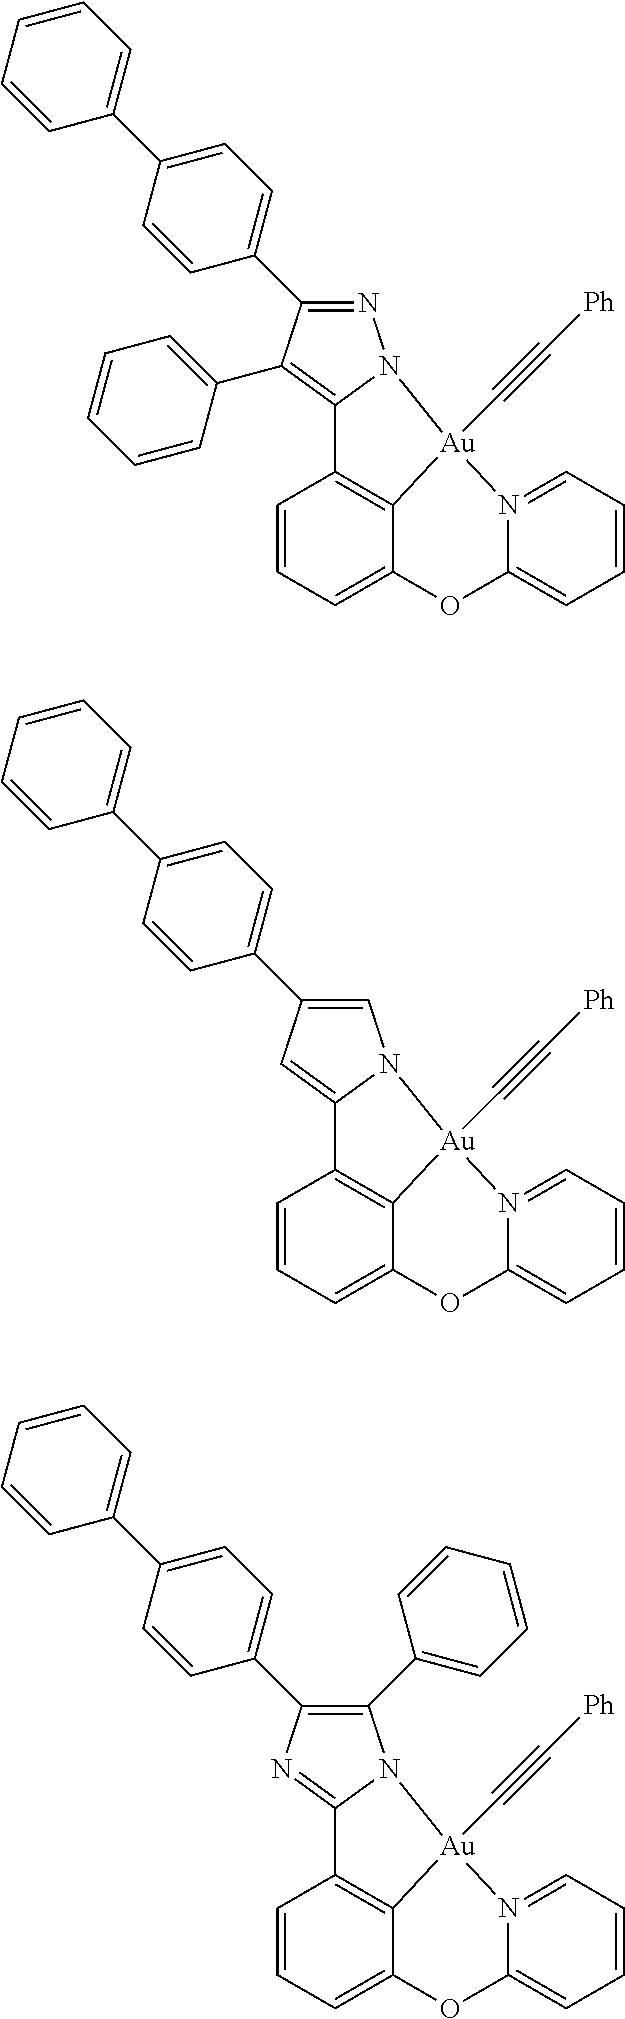 Figure US09818959-20171114-C00220